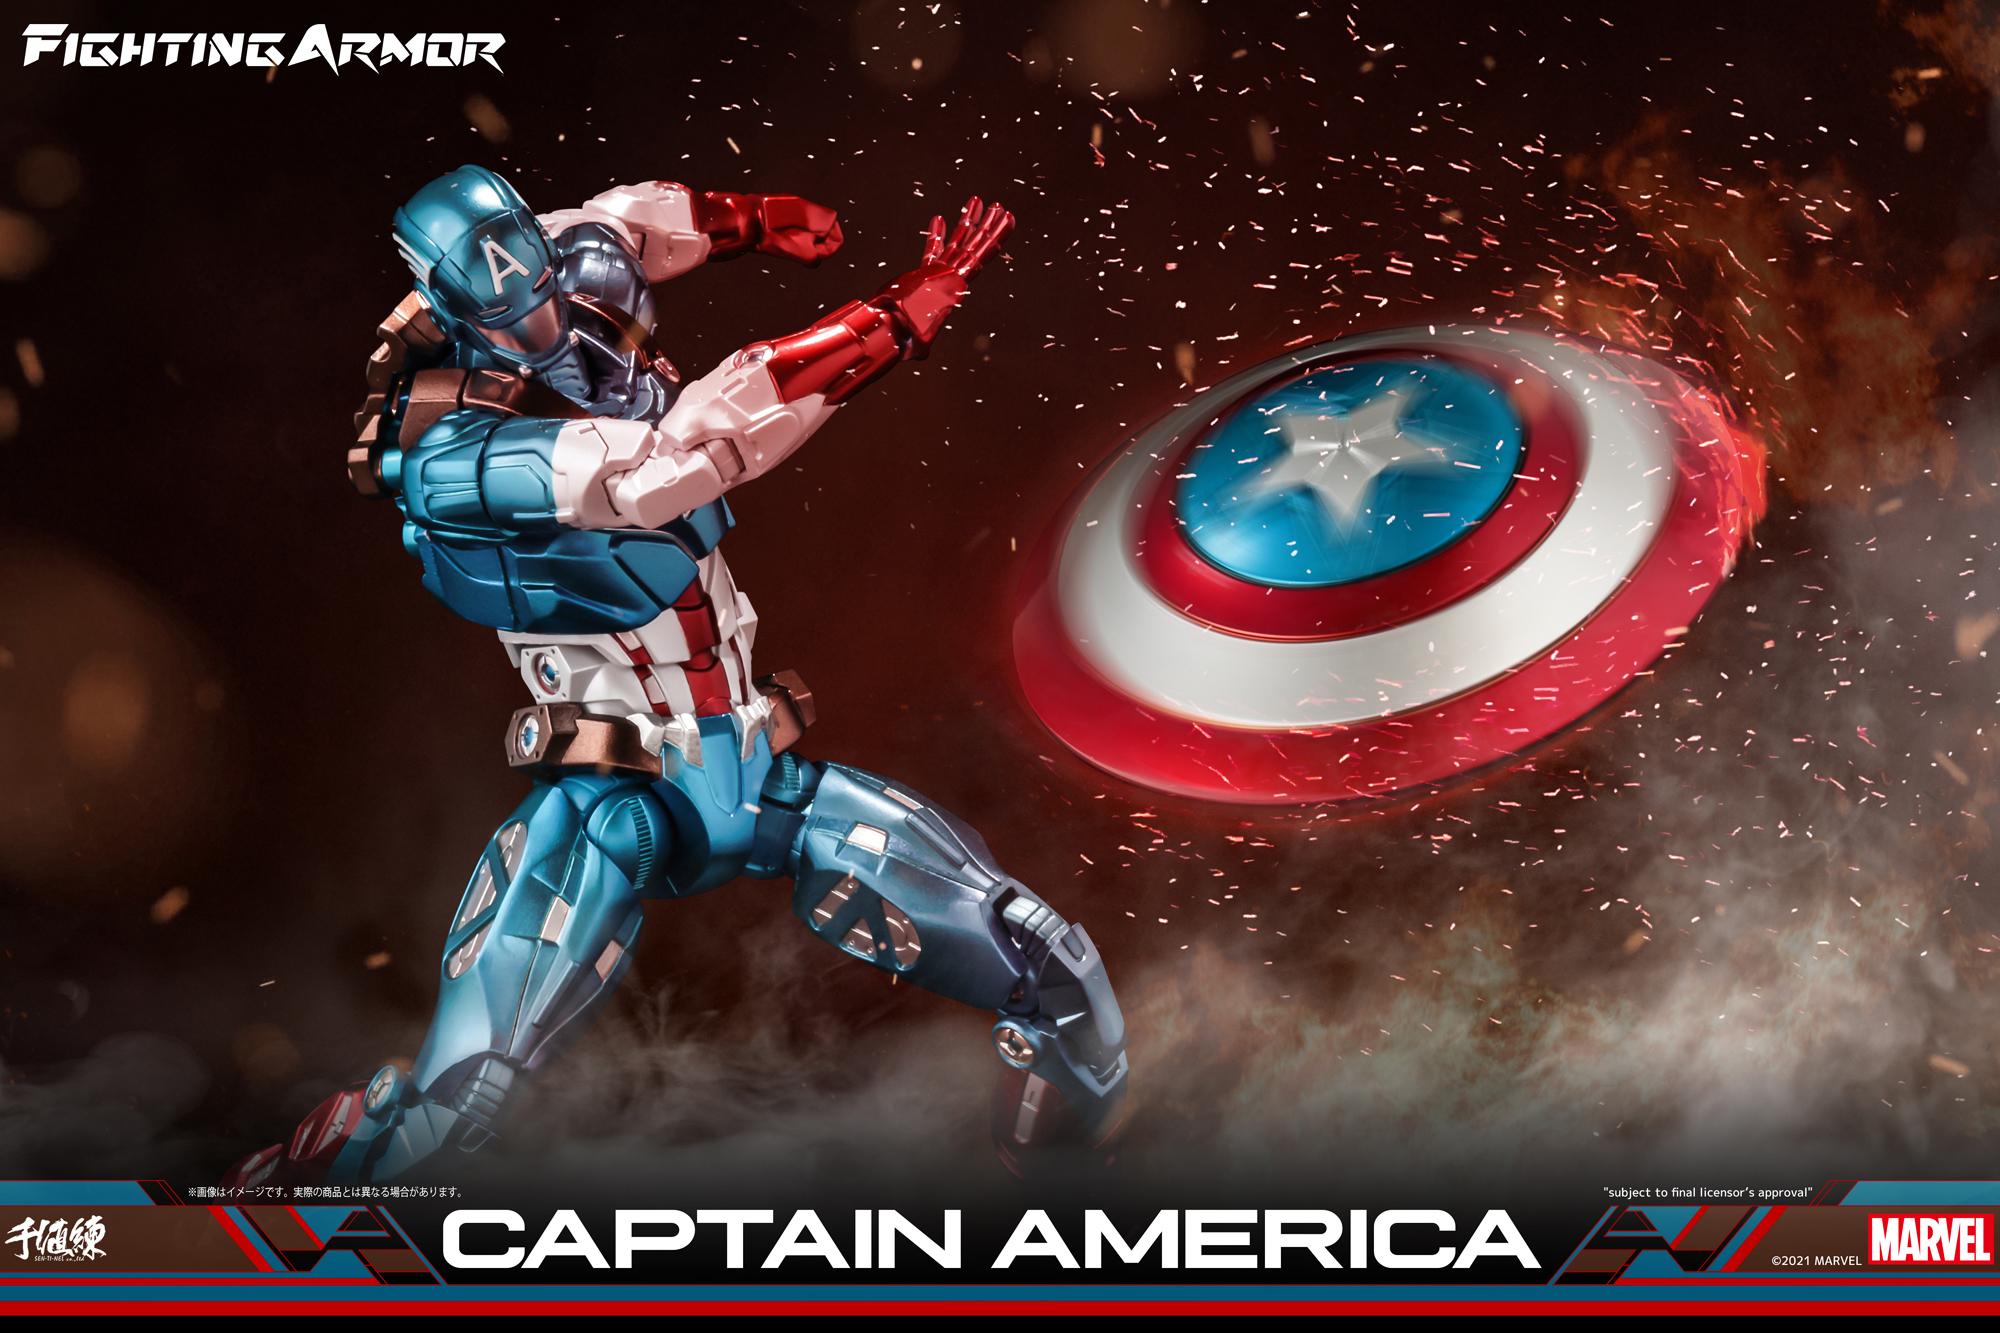 ファイティングアーマー キャプテン・アメリカ アクションフィギュアFIGURE-121834_16